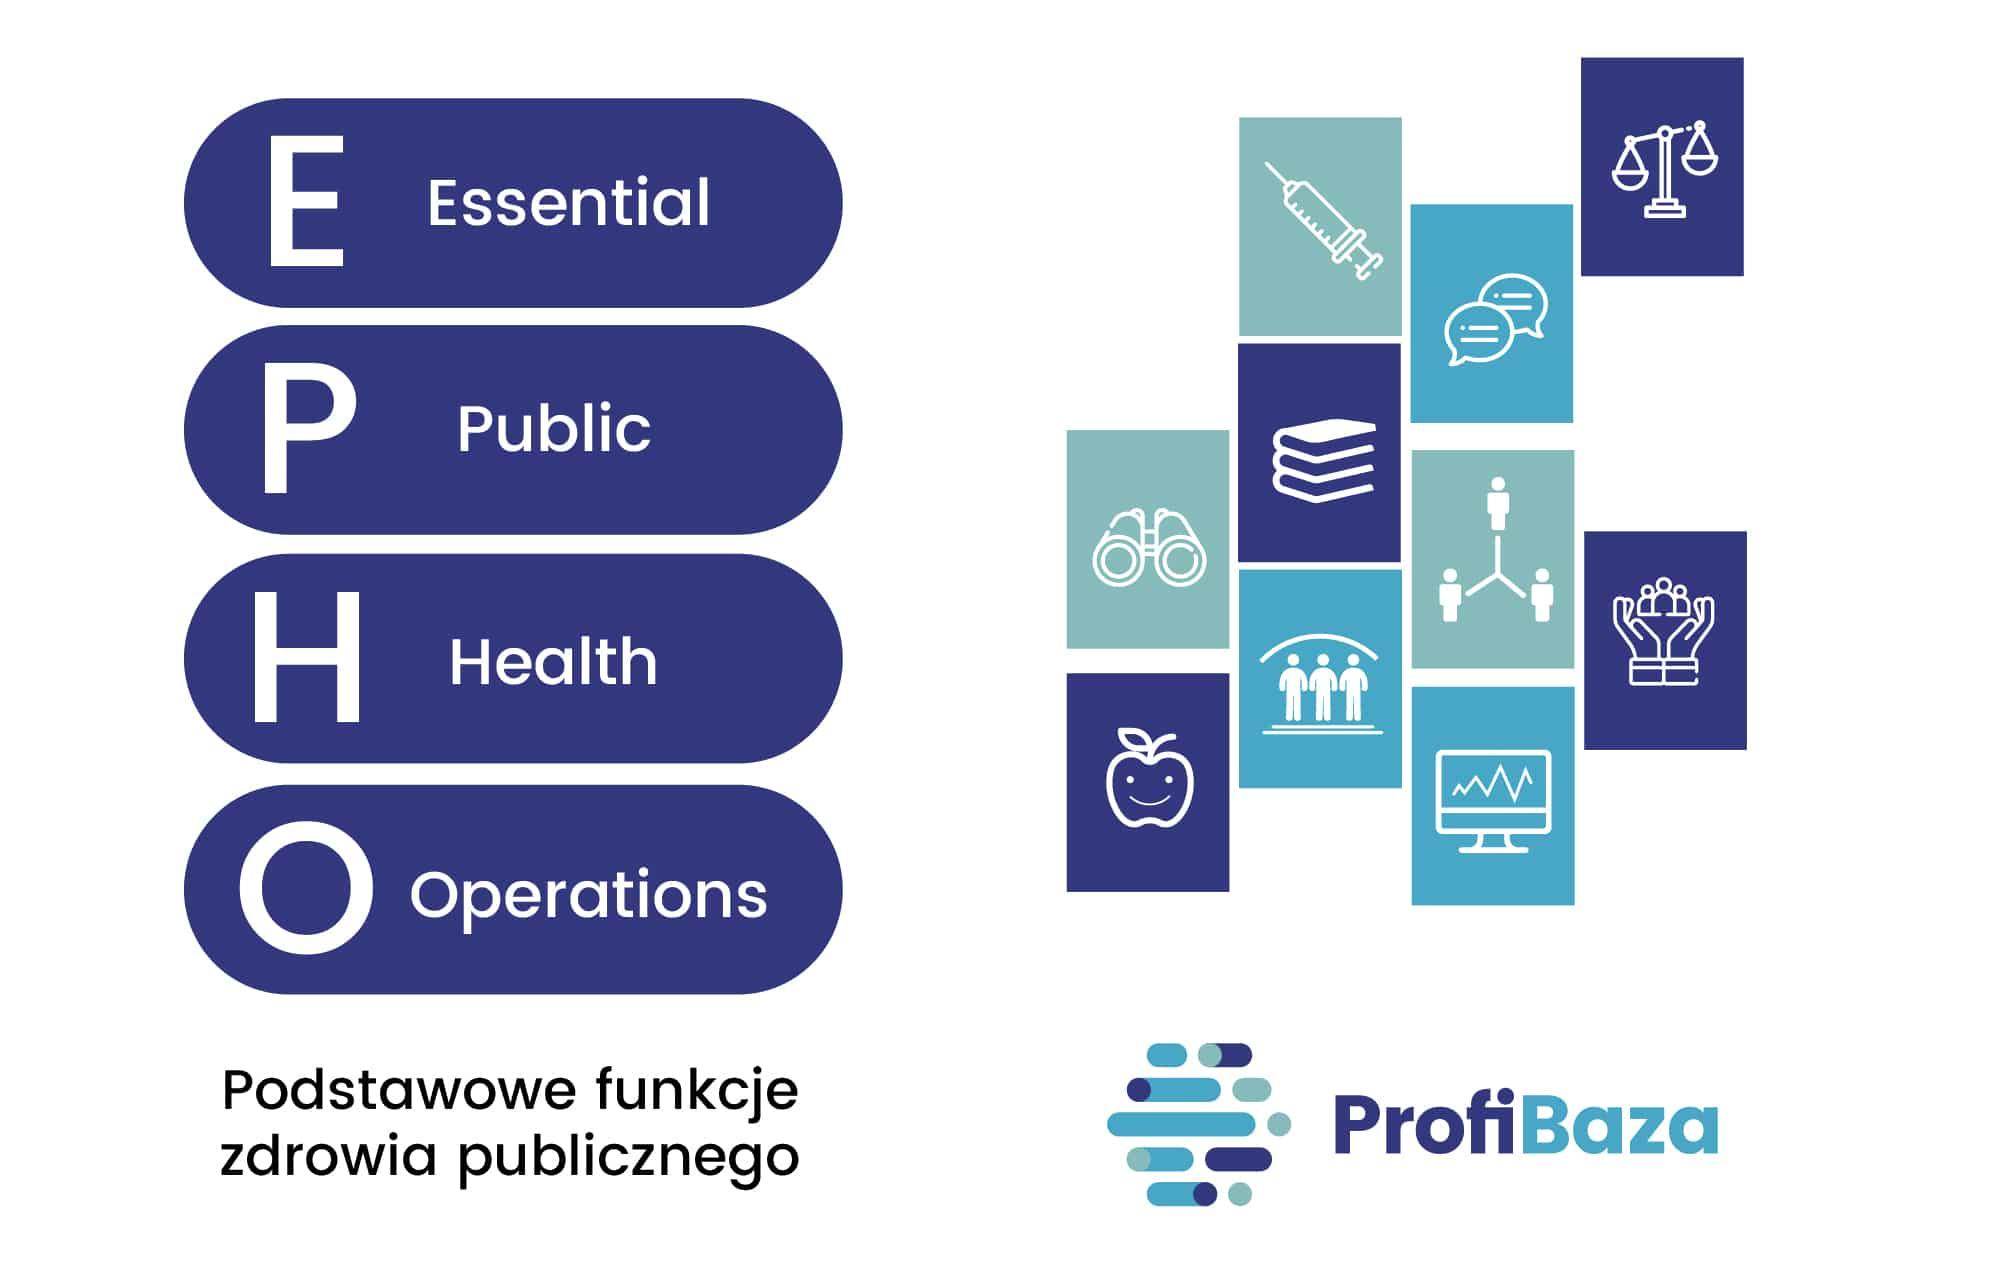 Podstawowe funkcje zdrowia publicznego (Essential Public Health Operations, EPHOs) – wprowadzenie